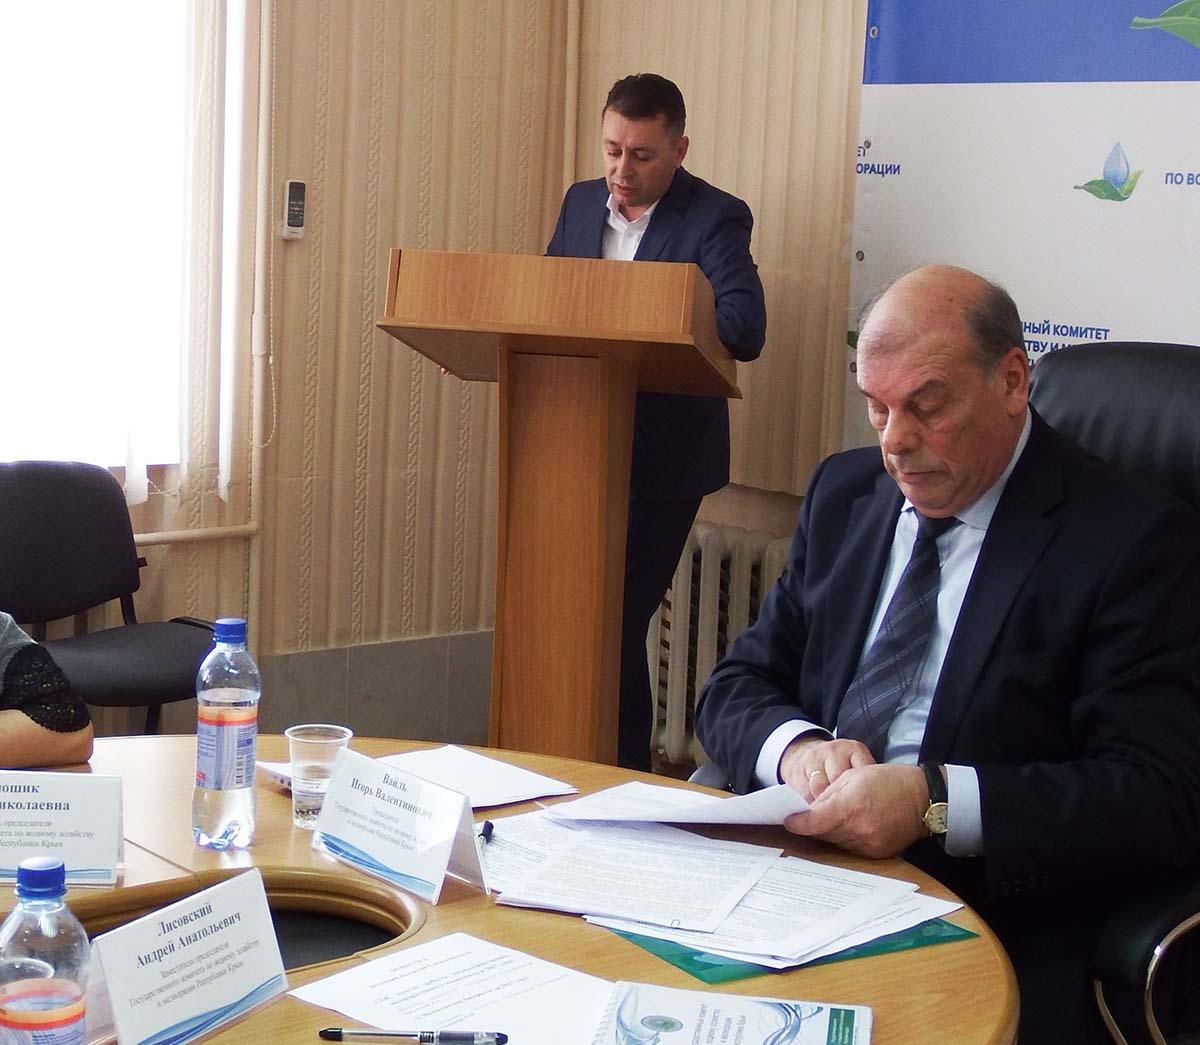 Игорь Вайль провел итоговое заседание коллегии Госкомводхоза